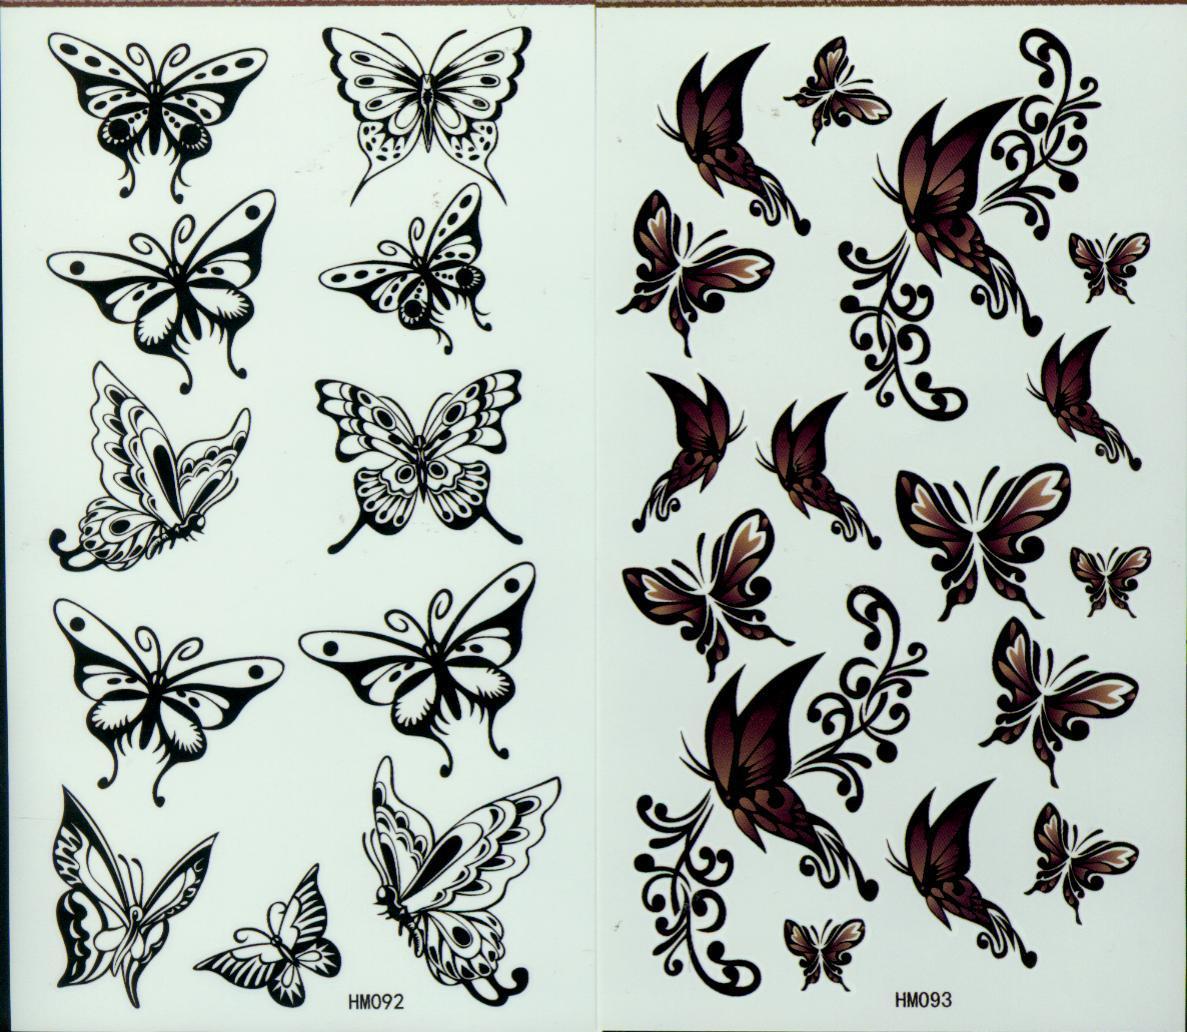 임시적인 귀영 나팔 / 많은 몸 방수 뉴스 나비 문신 206 * 105 밀리미터를위한 나비 귀영 나팔 스텐실